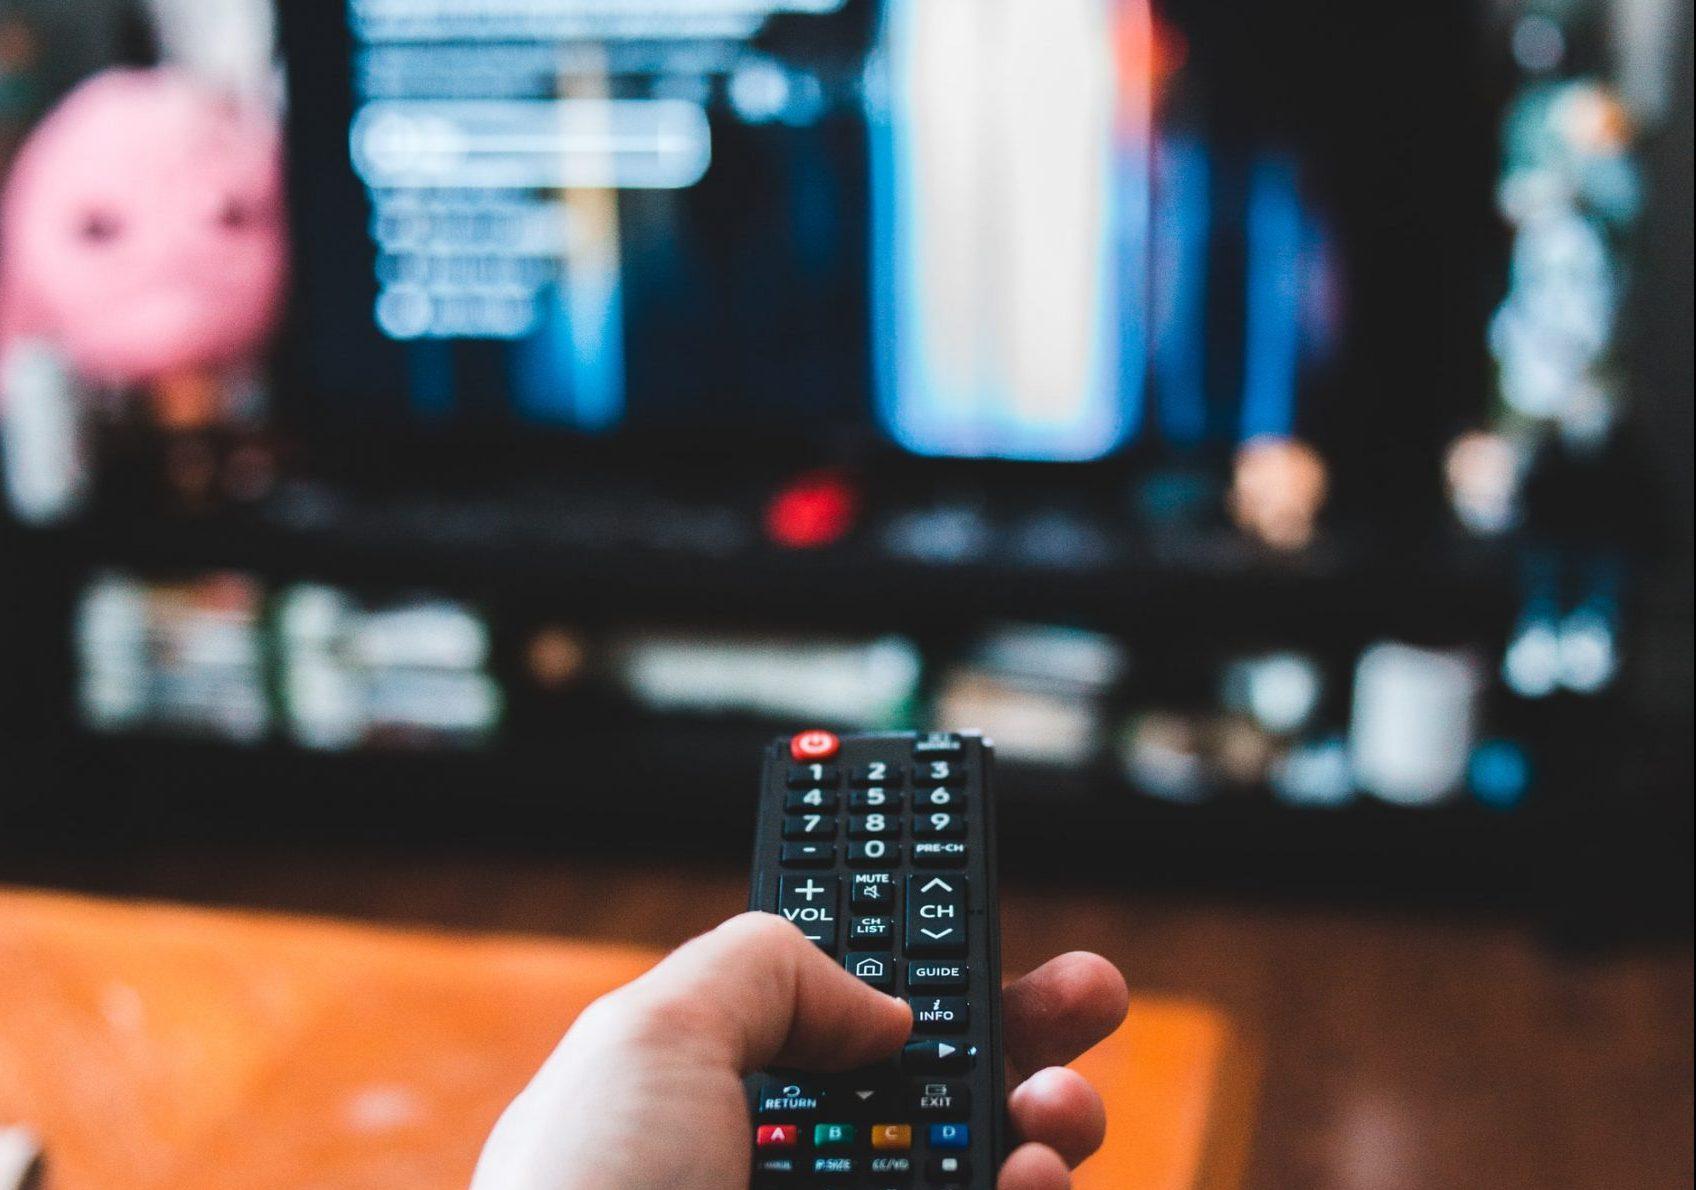 Estrenos y novedades que llegan esta semana a las plataformas de vídeo online 1